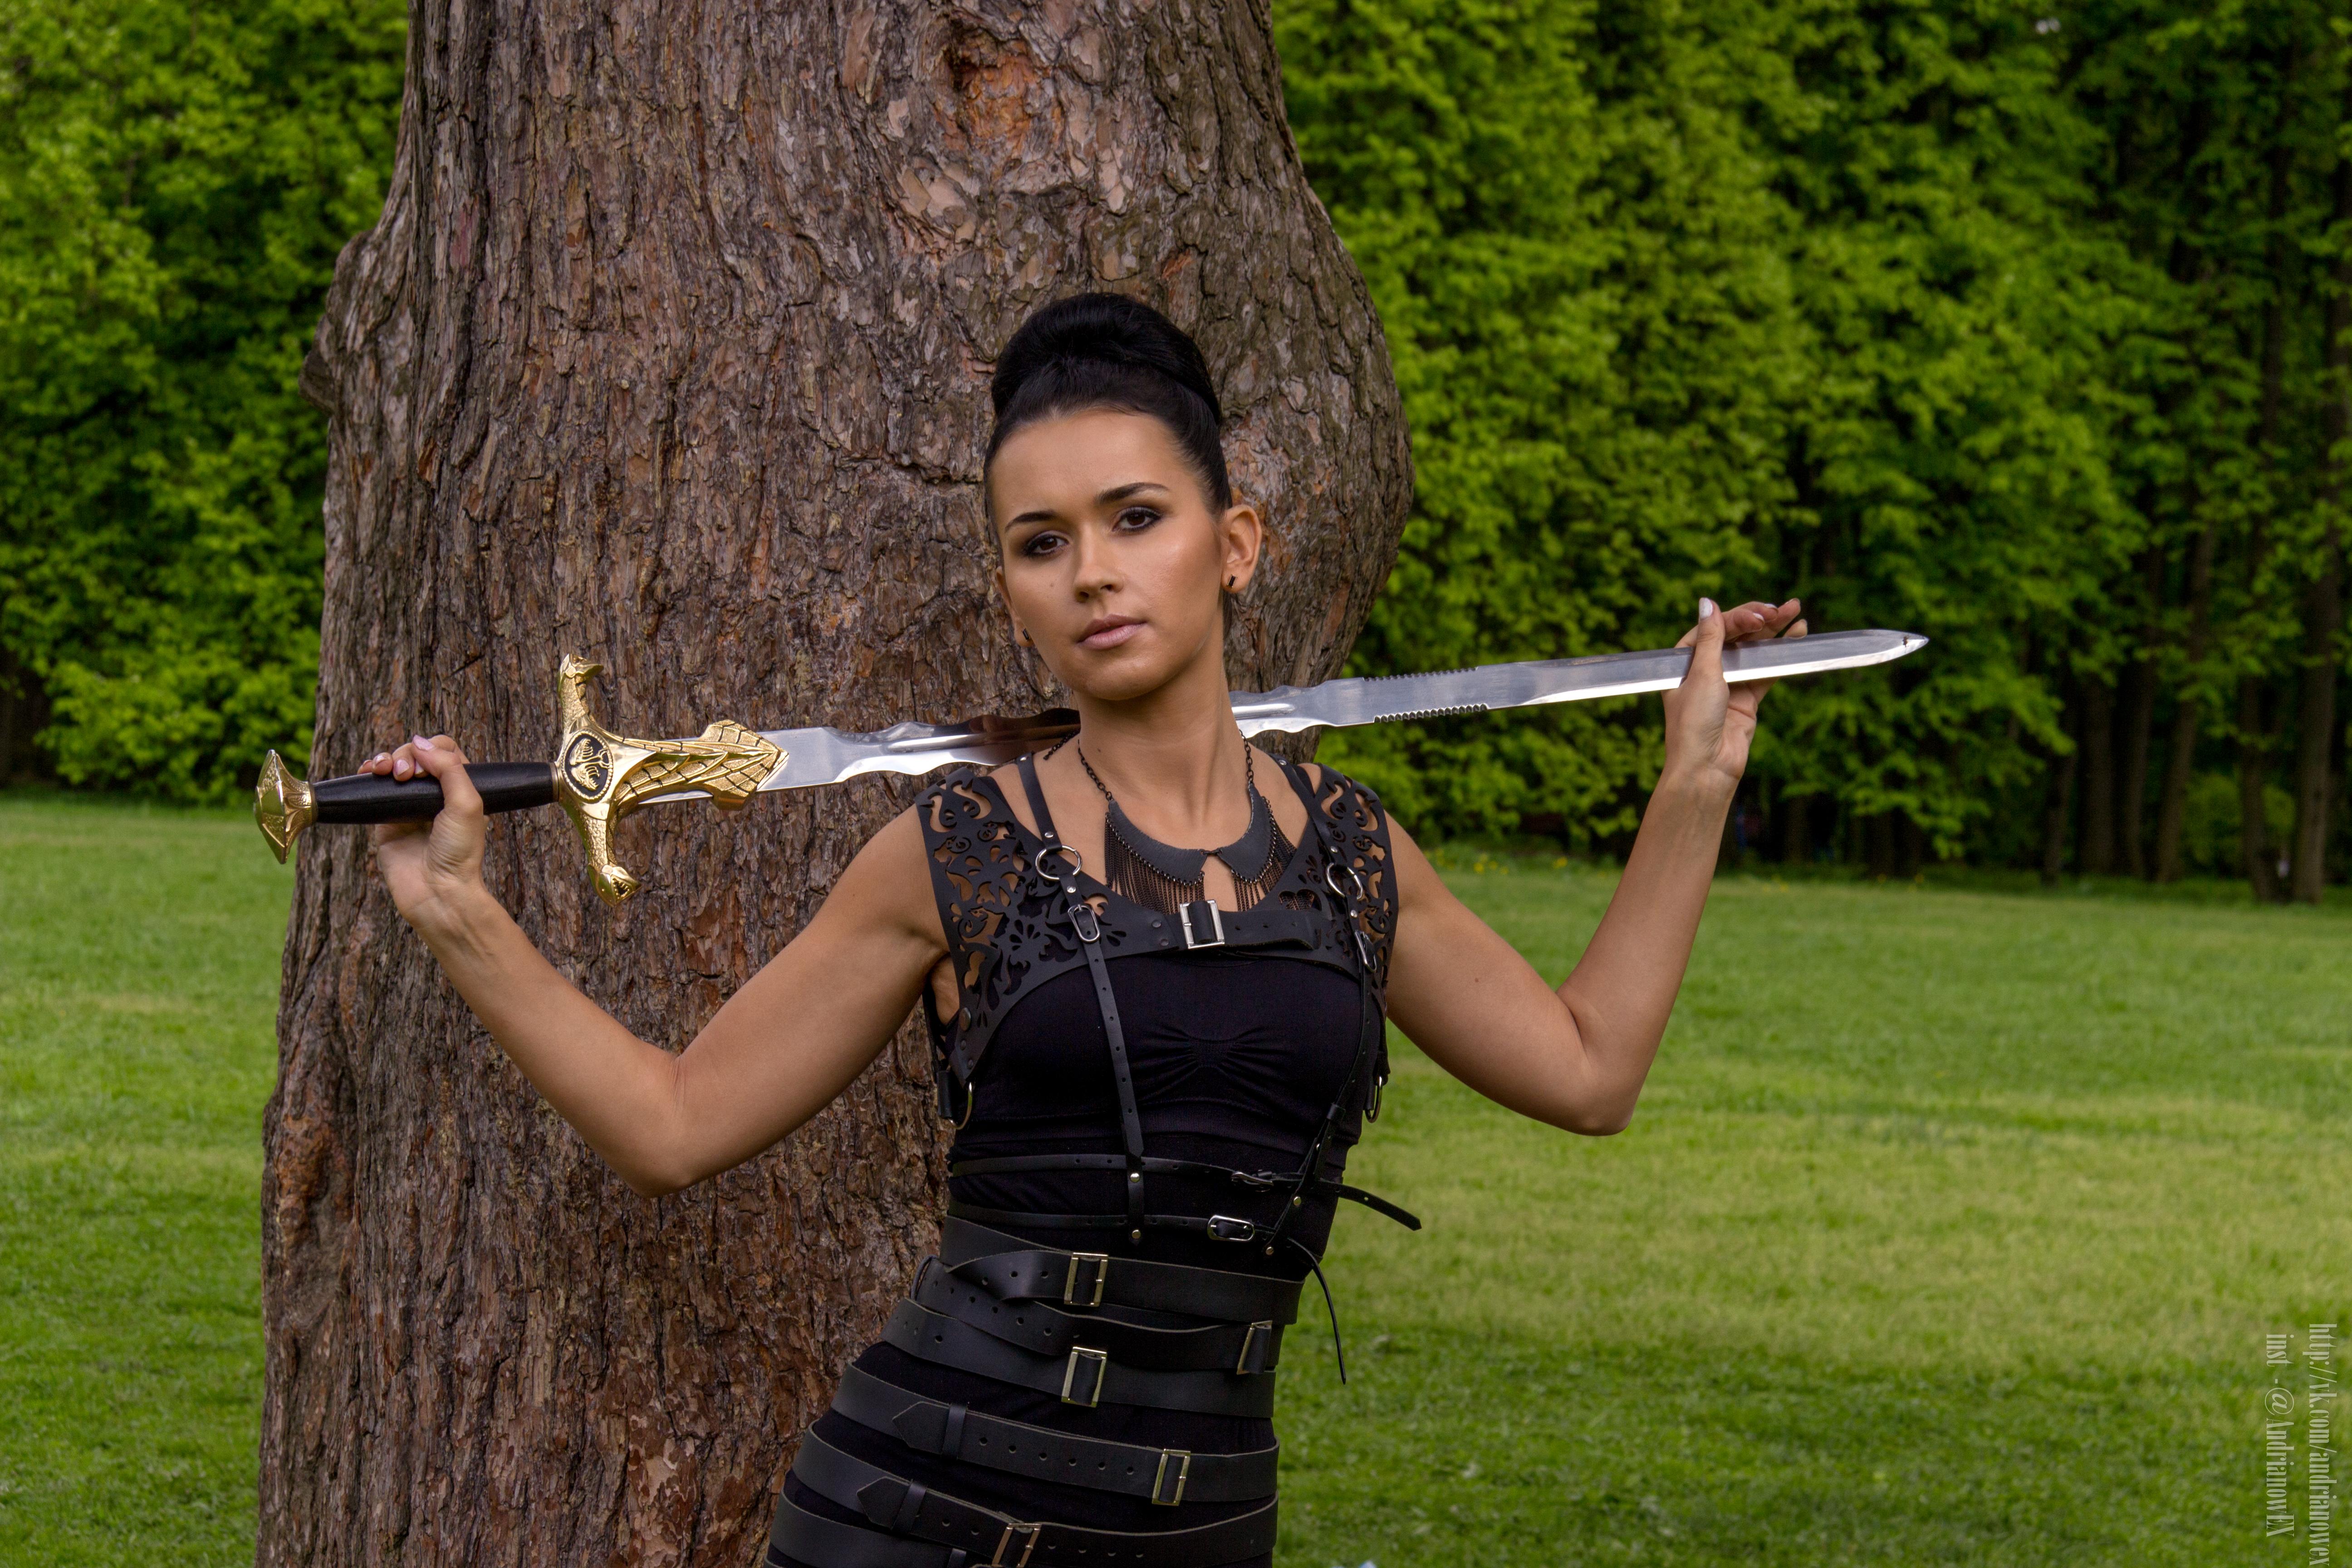 Фото с мечом